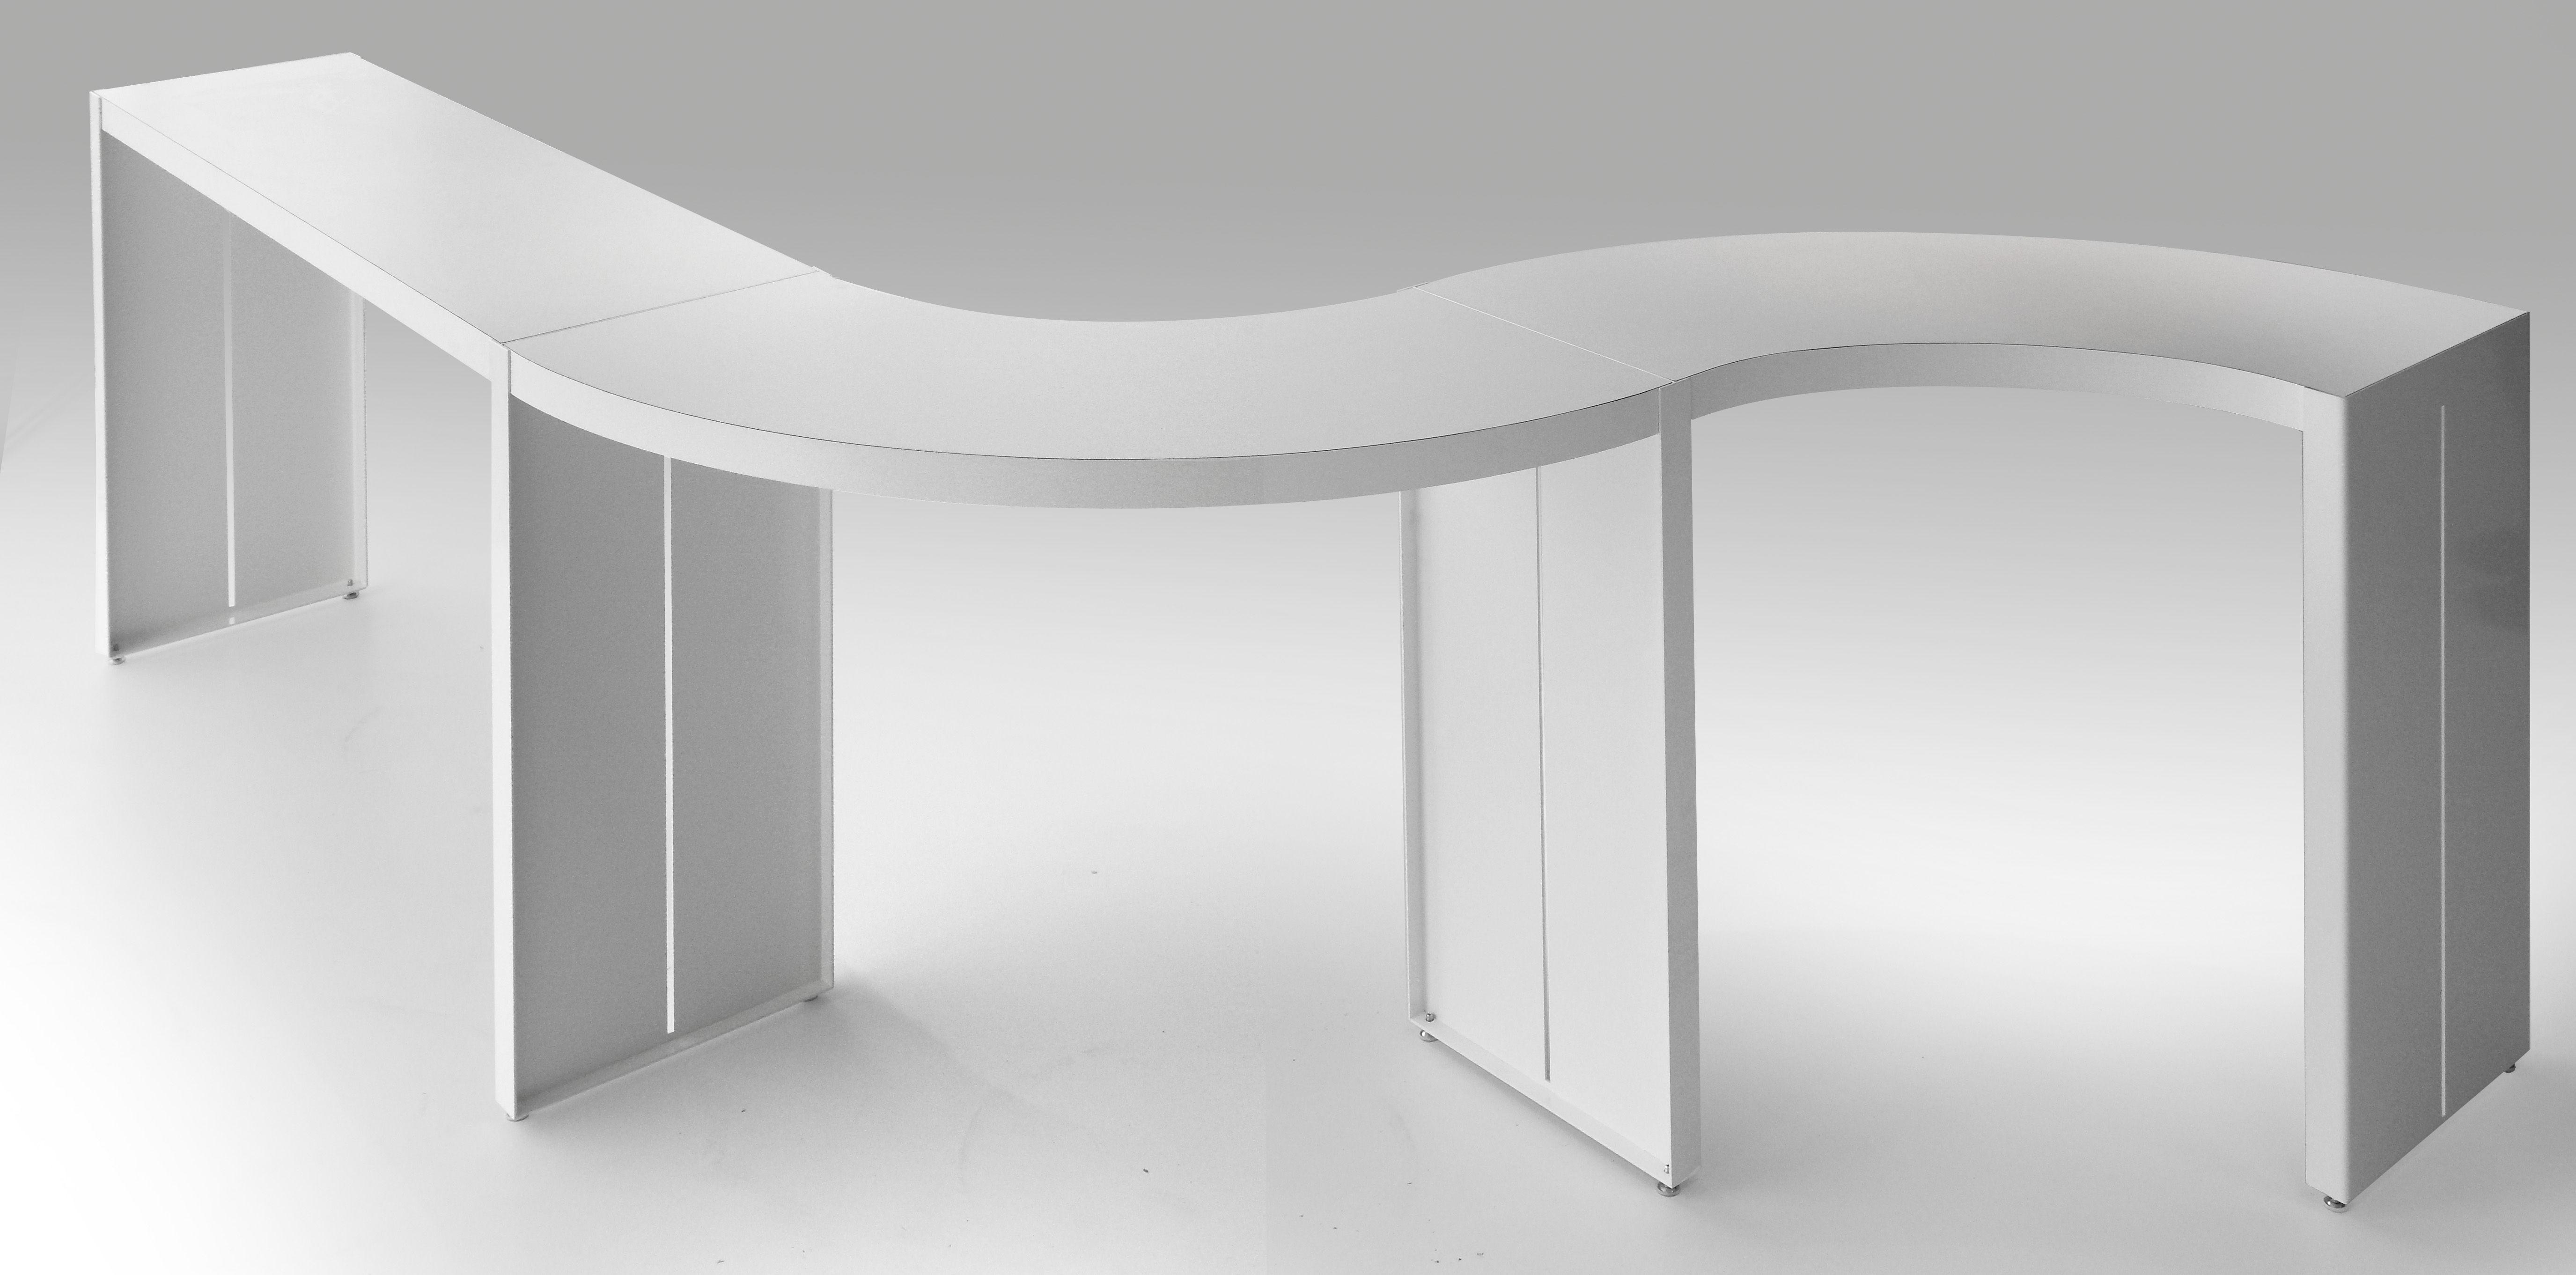 Table haute panco h 110 cm l 290 cm blanc lapalma for Tavoli alti design